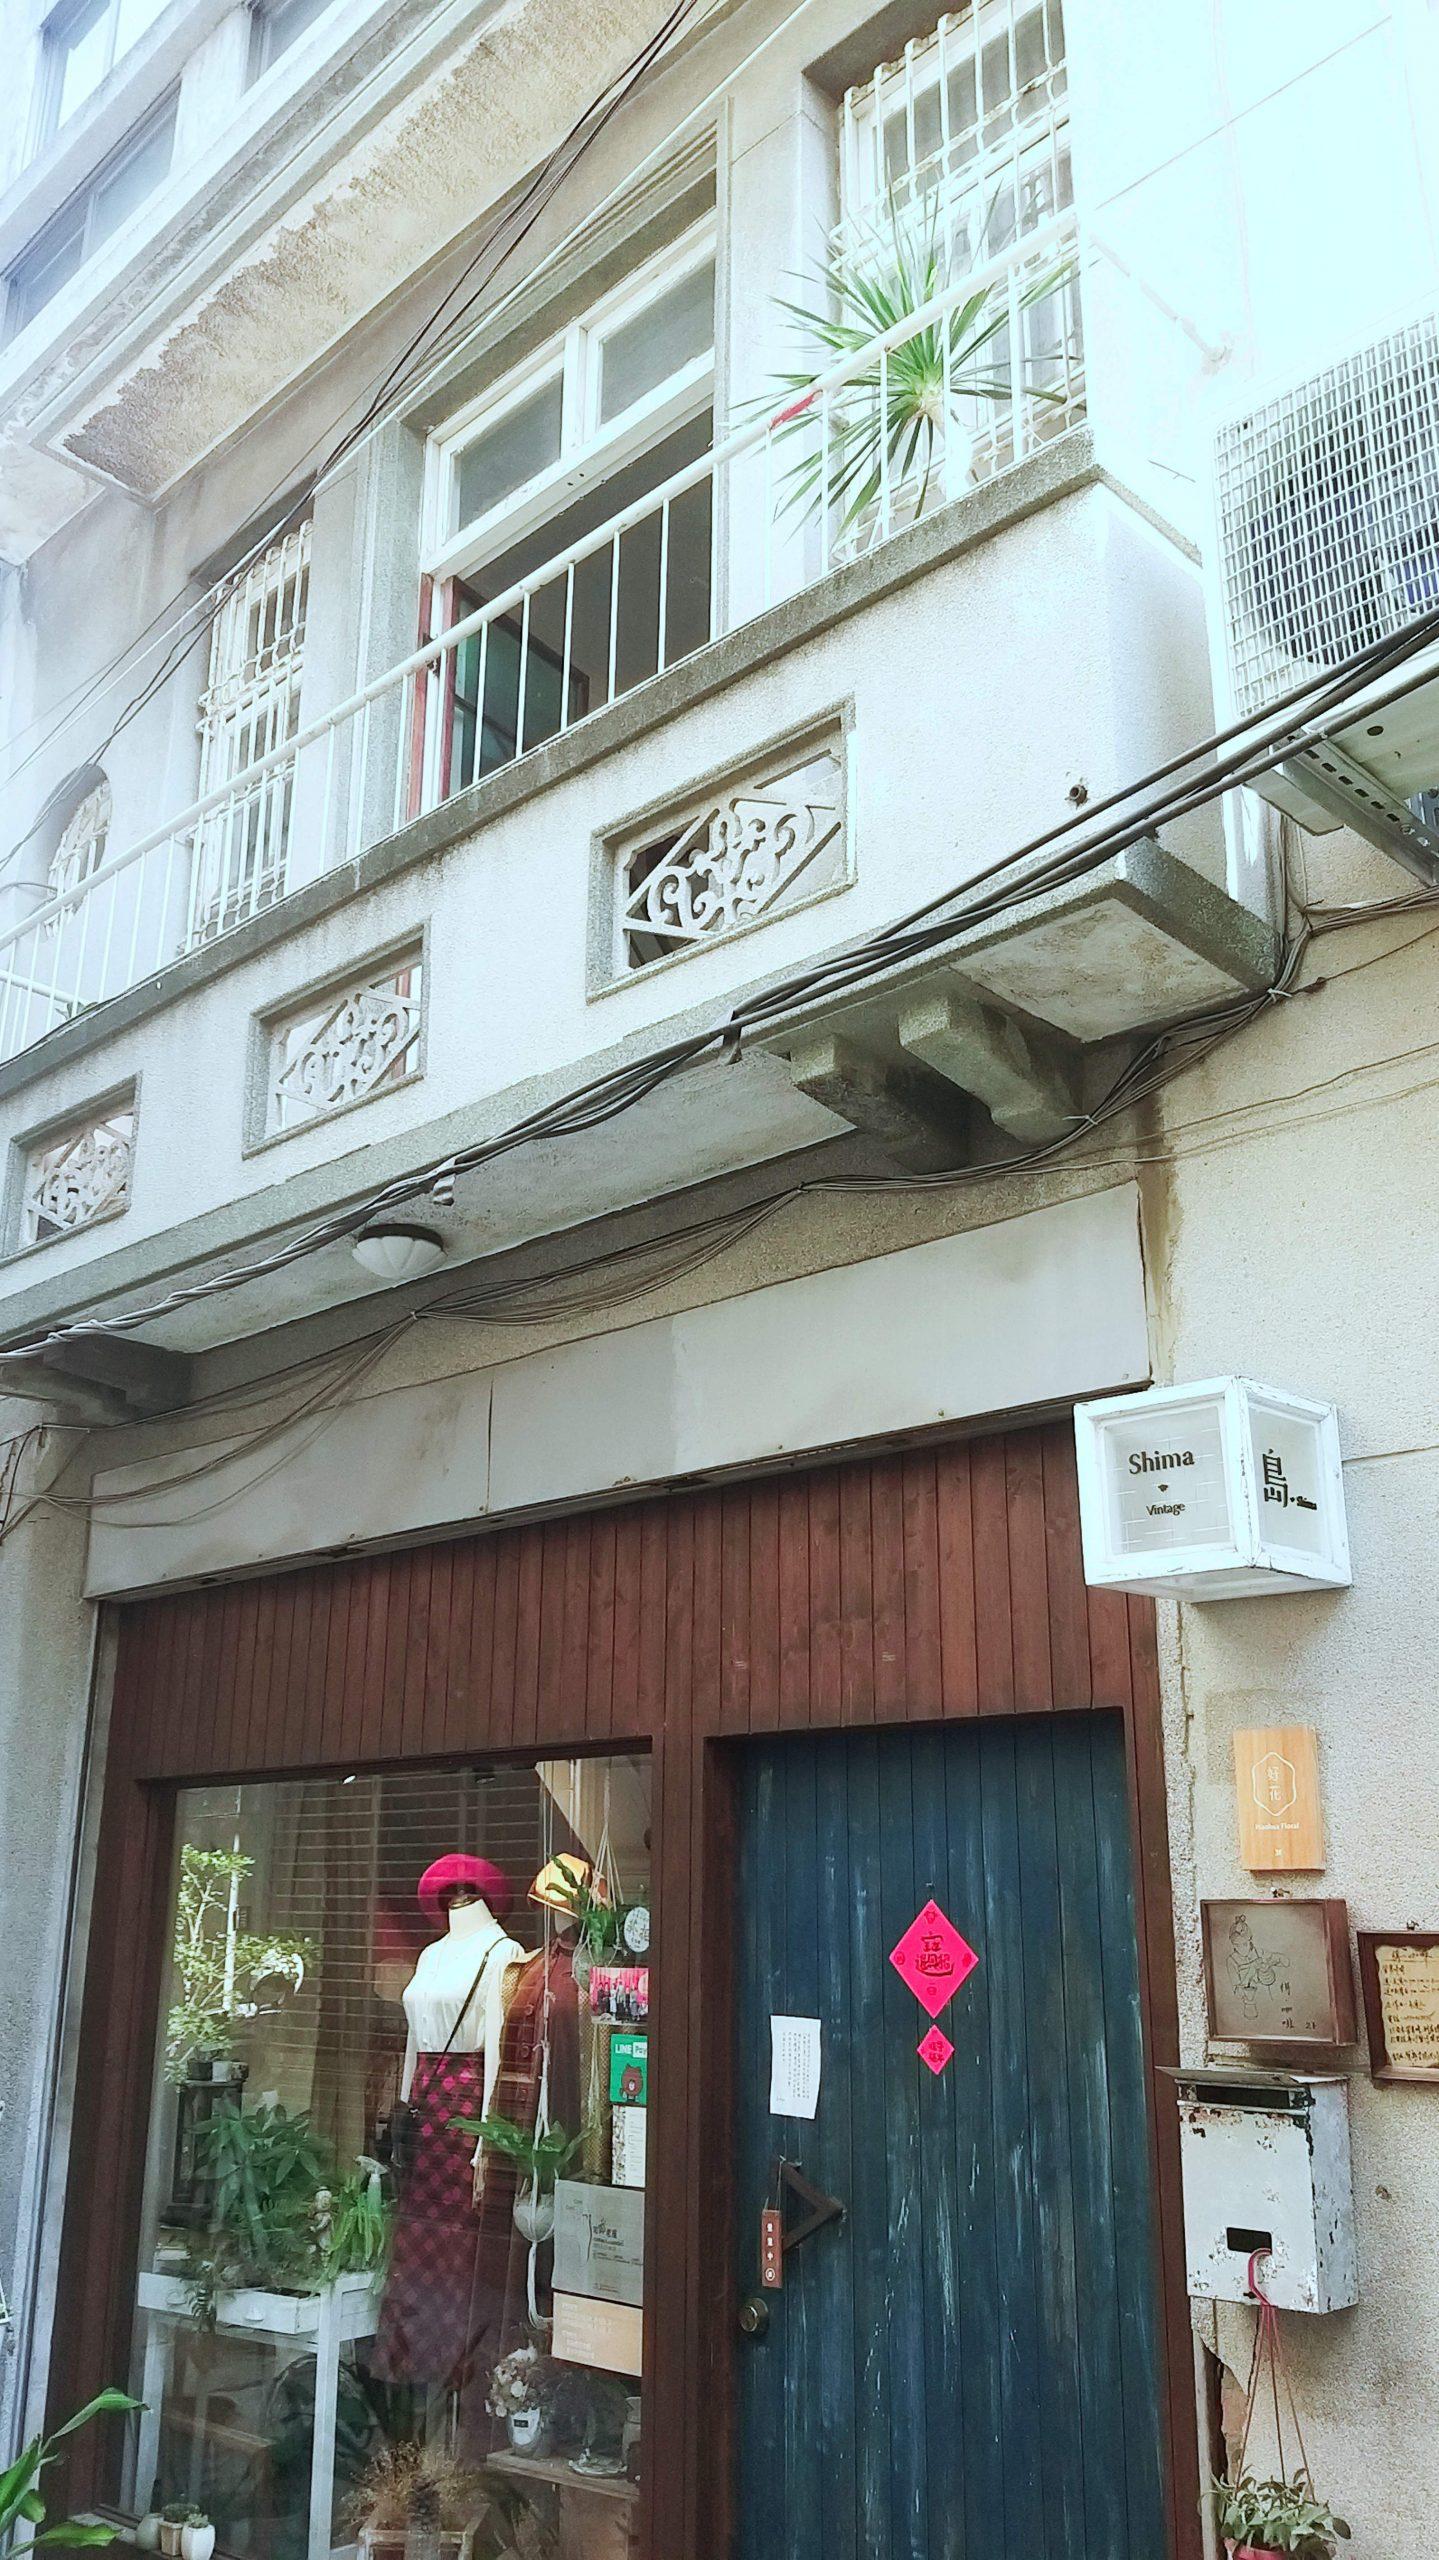 台南 老房子復古風格手沖咖啡館 栮咖啡